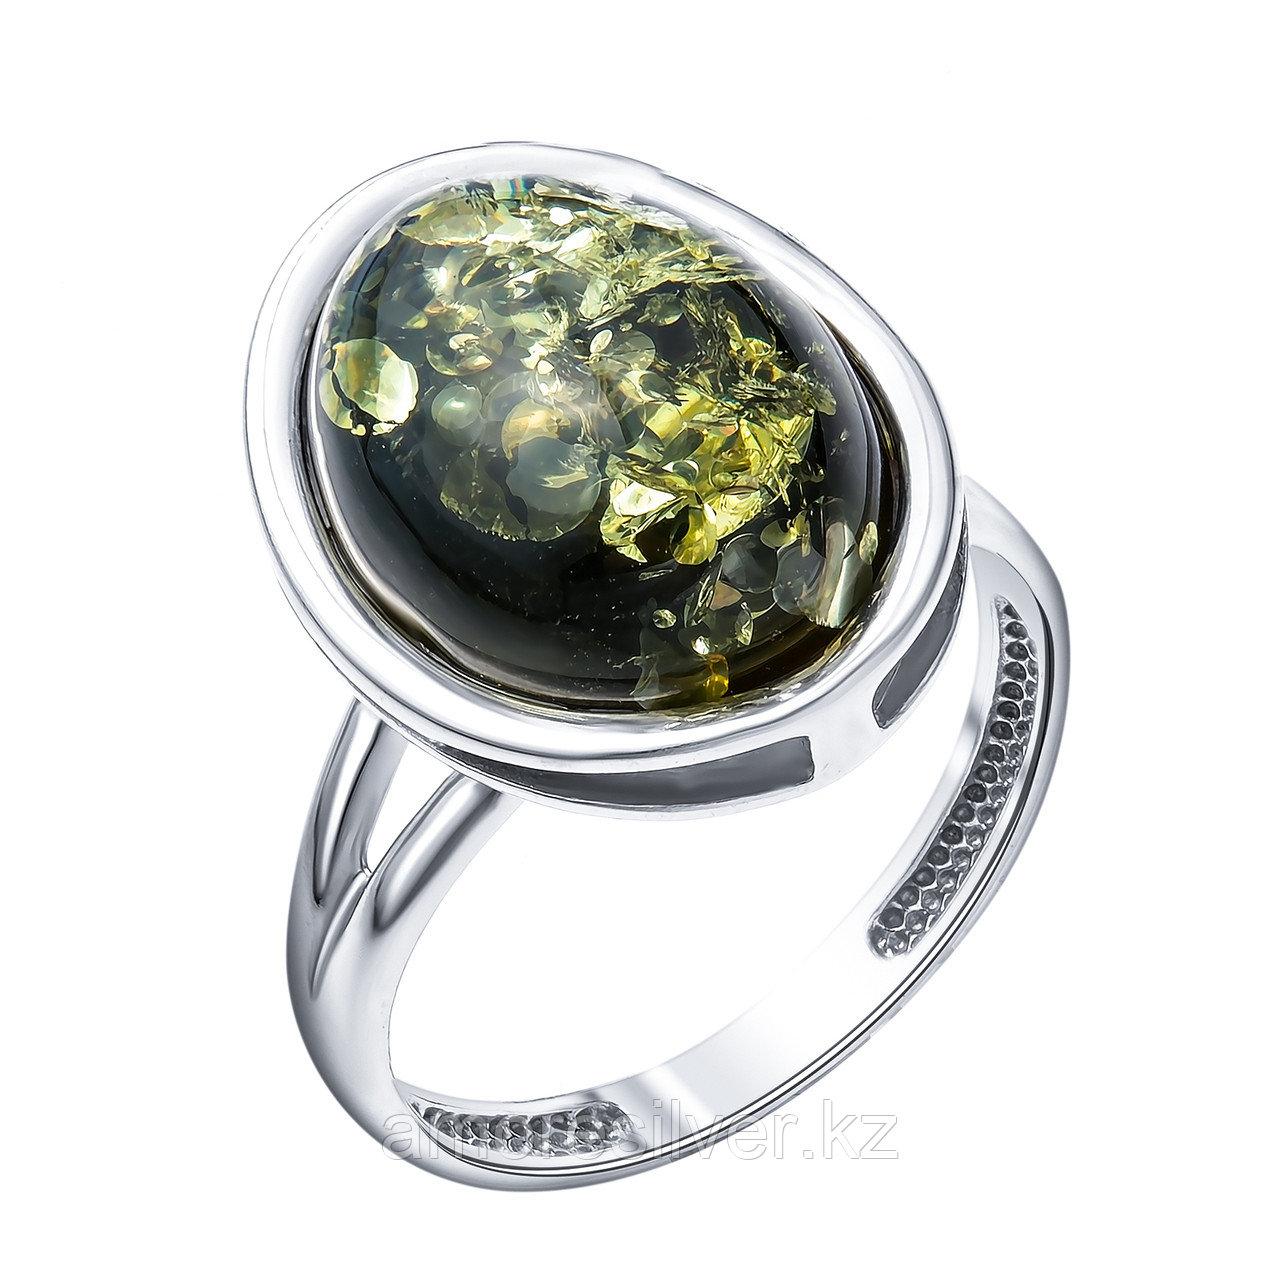 Кольцо  серебро с родием, янтарь зеленый 920011214aa размеры - 18